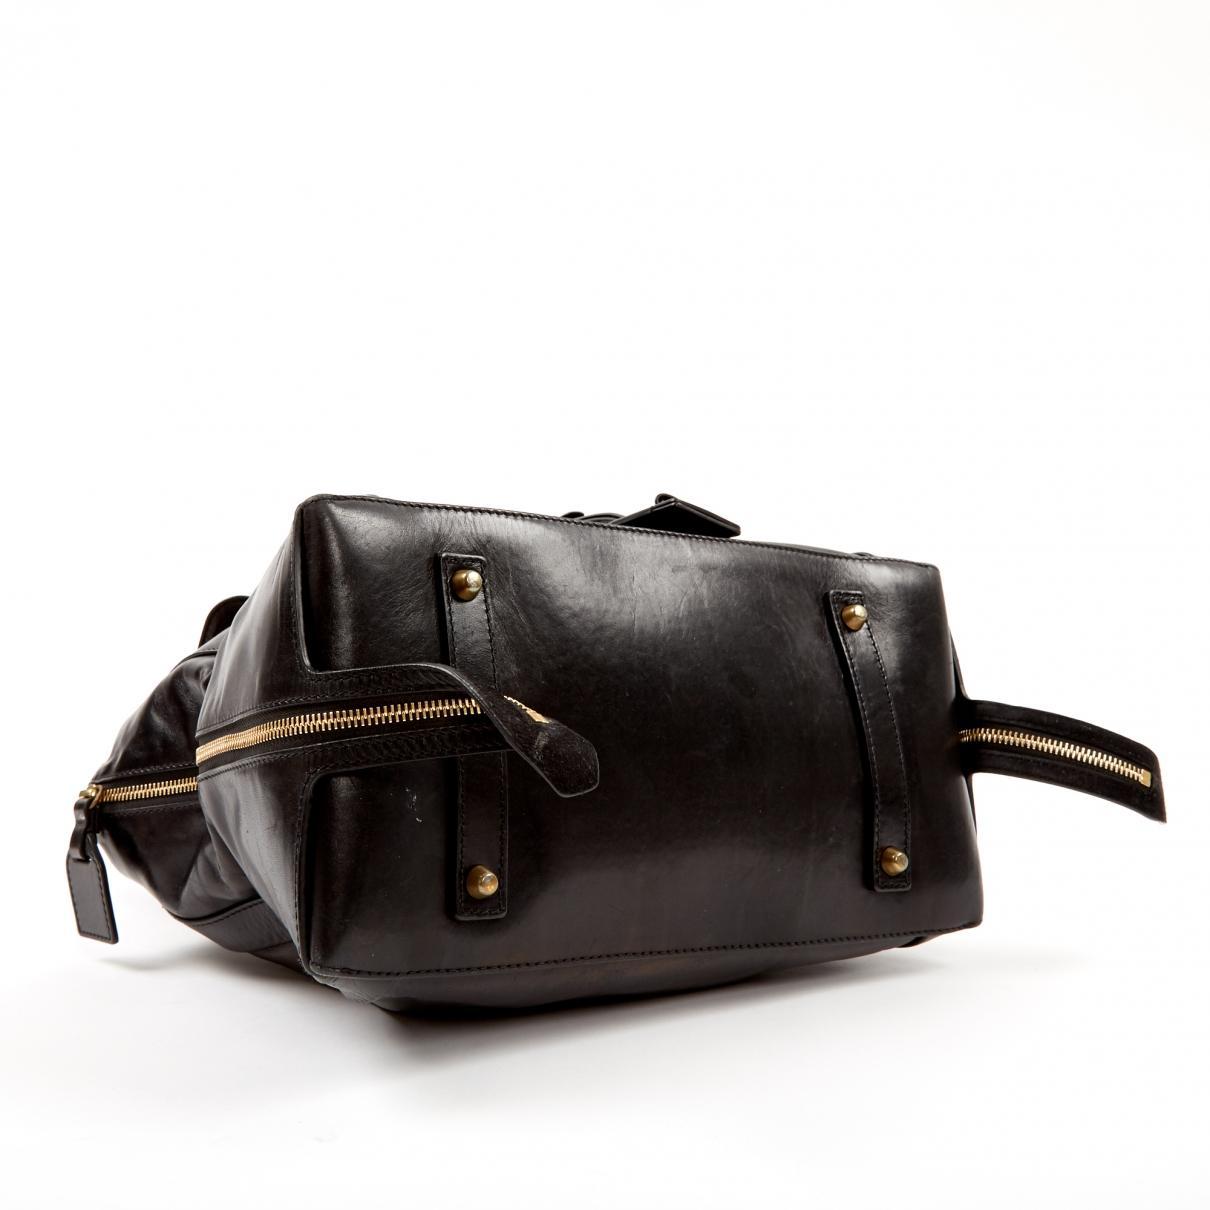 Chloé Leder Leder handtaschen in Schwarz z5xDv